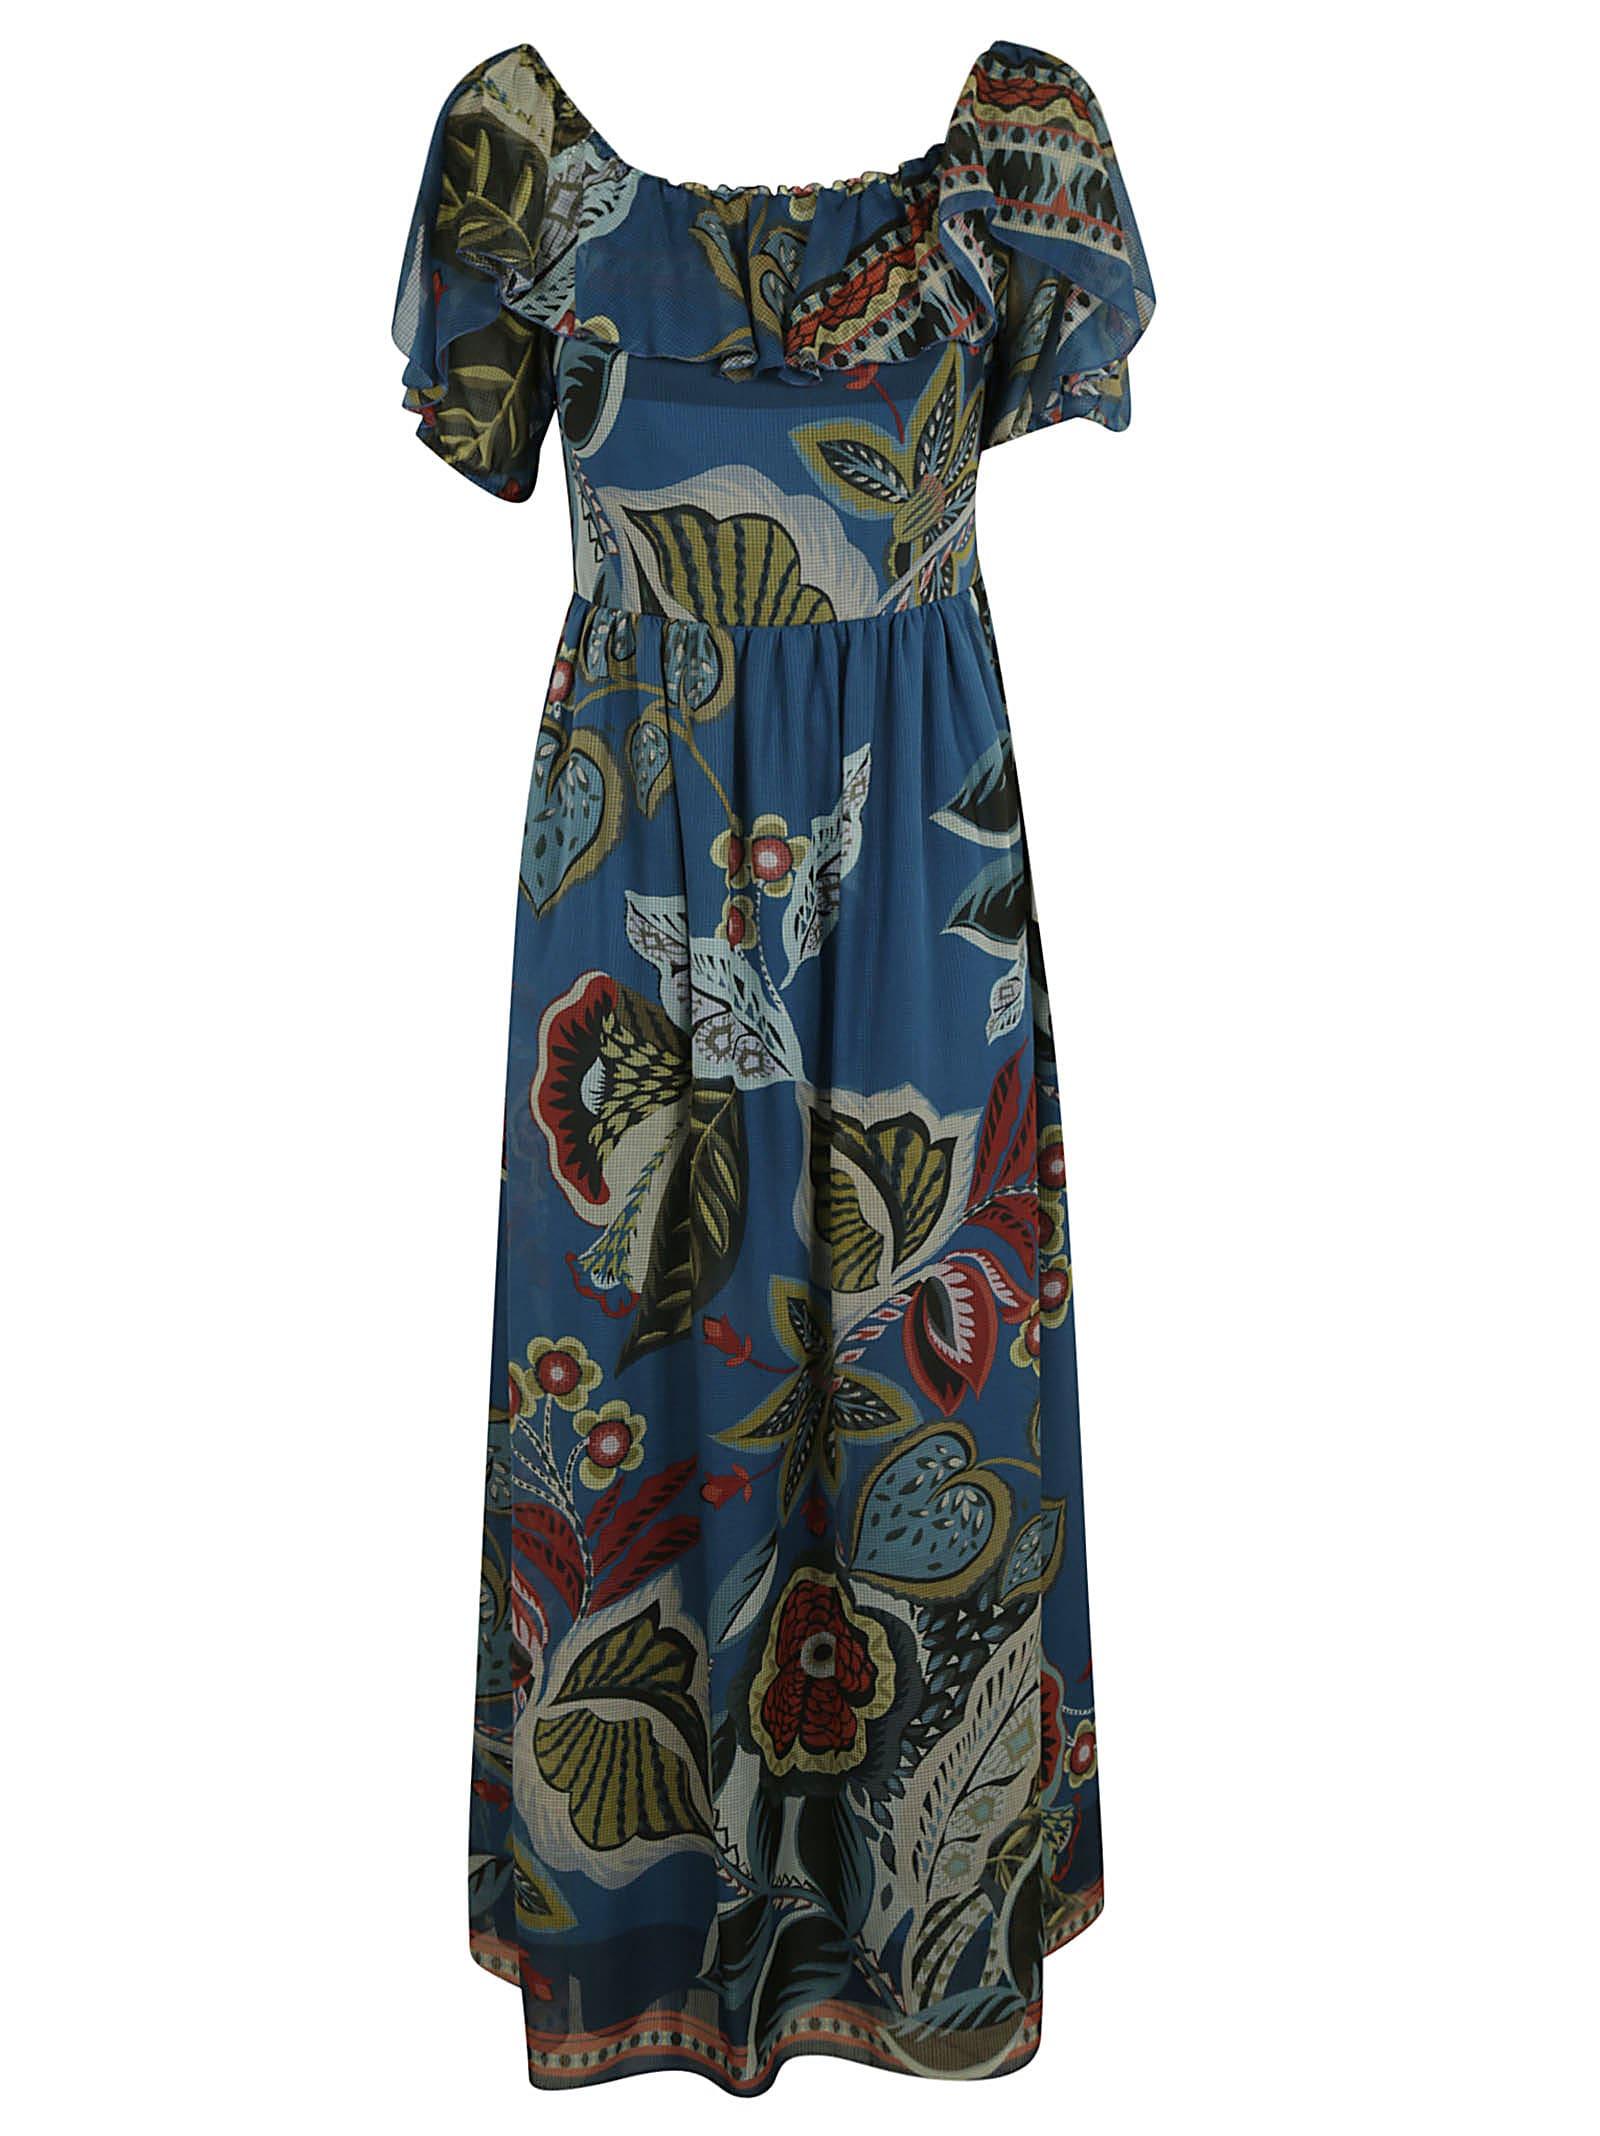 RED Valentino Printed Ruffled Dress